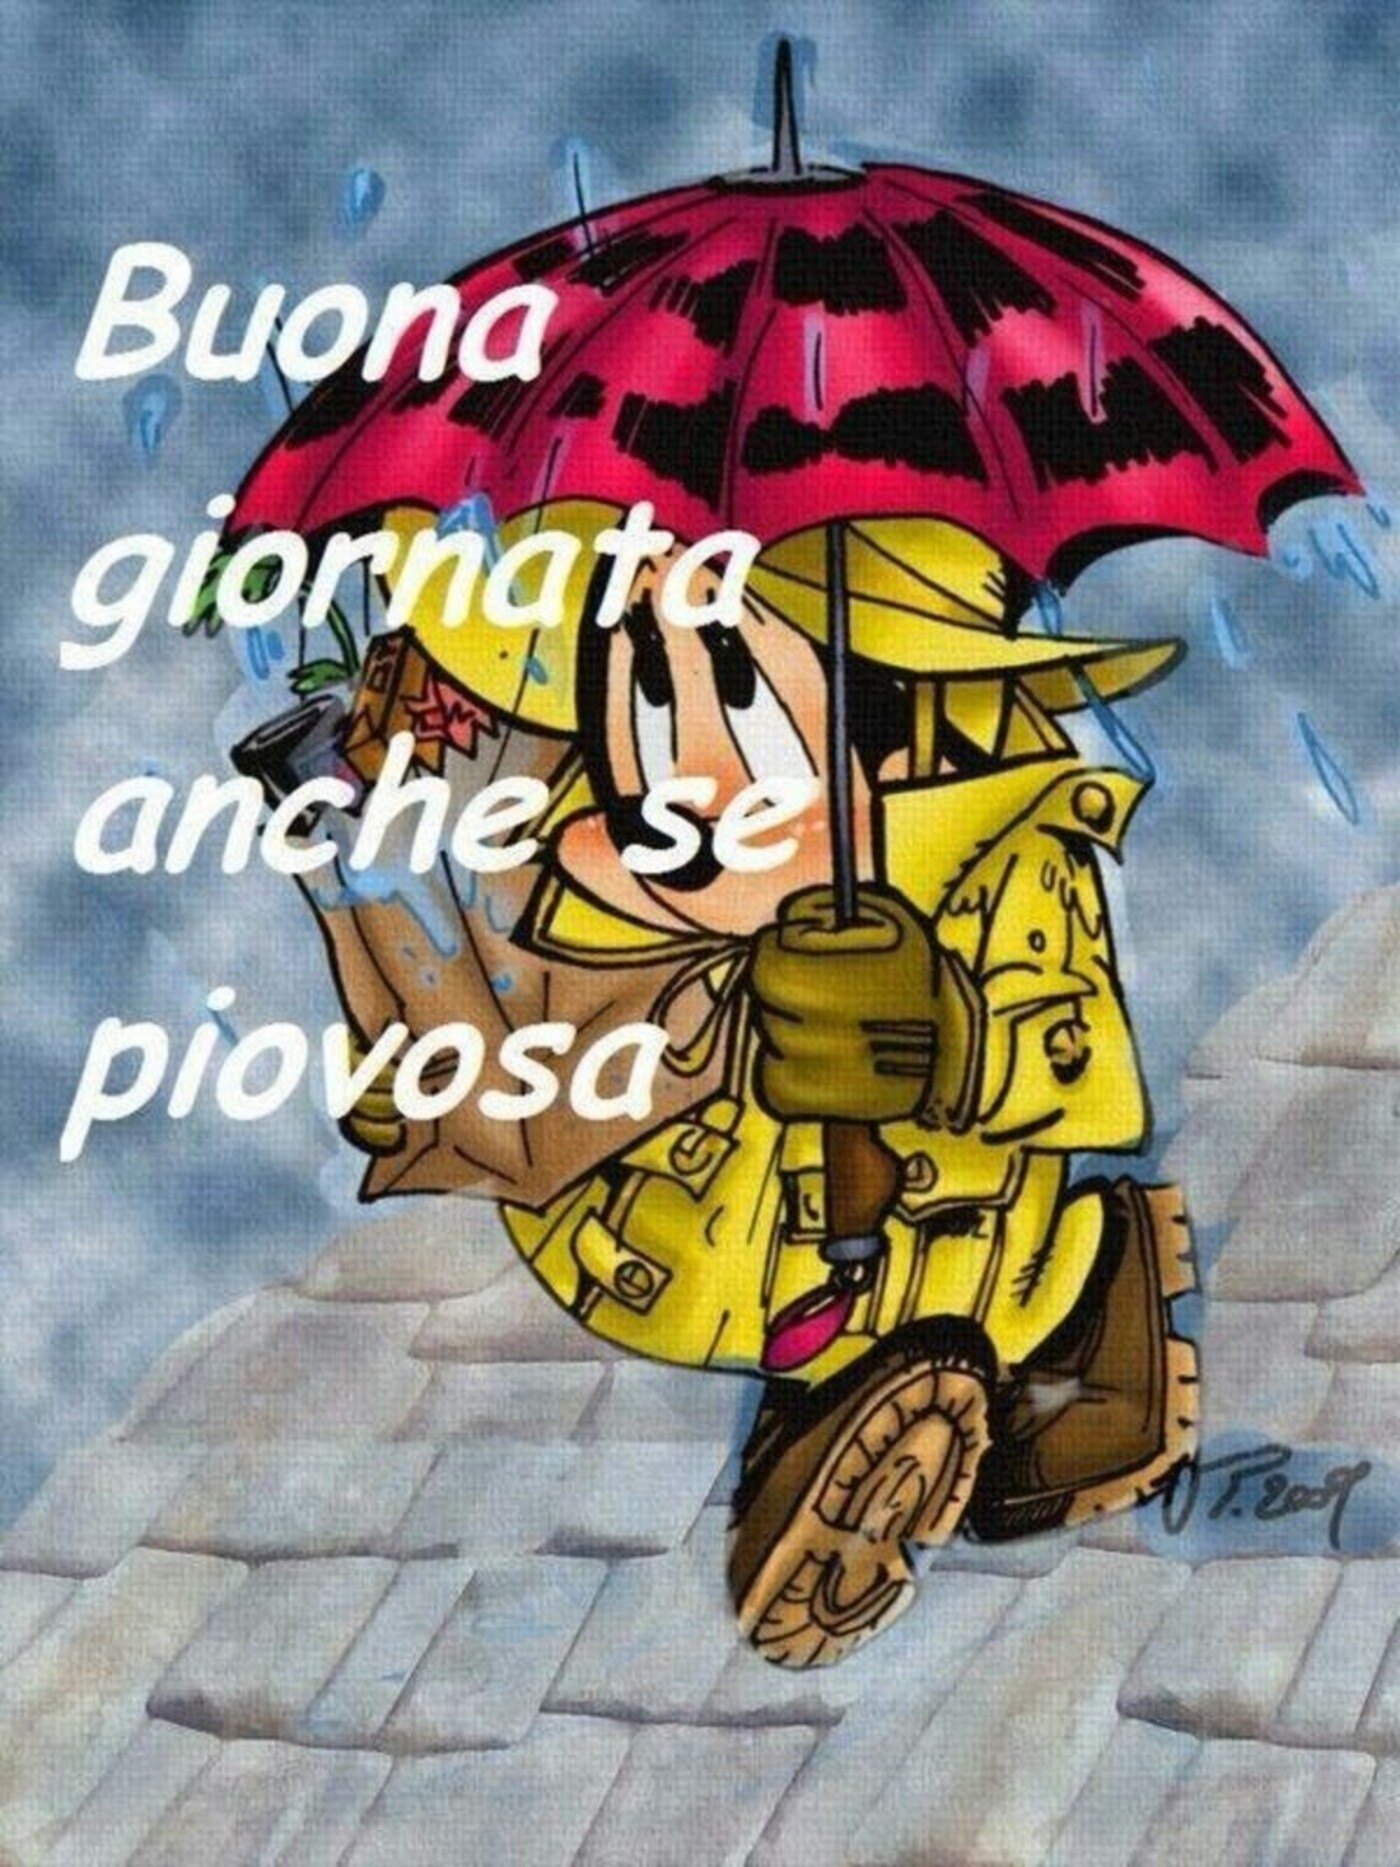 Buona giornata anche se piovosa